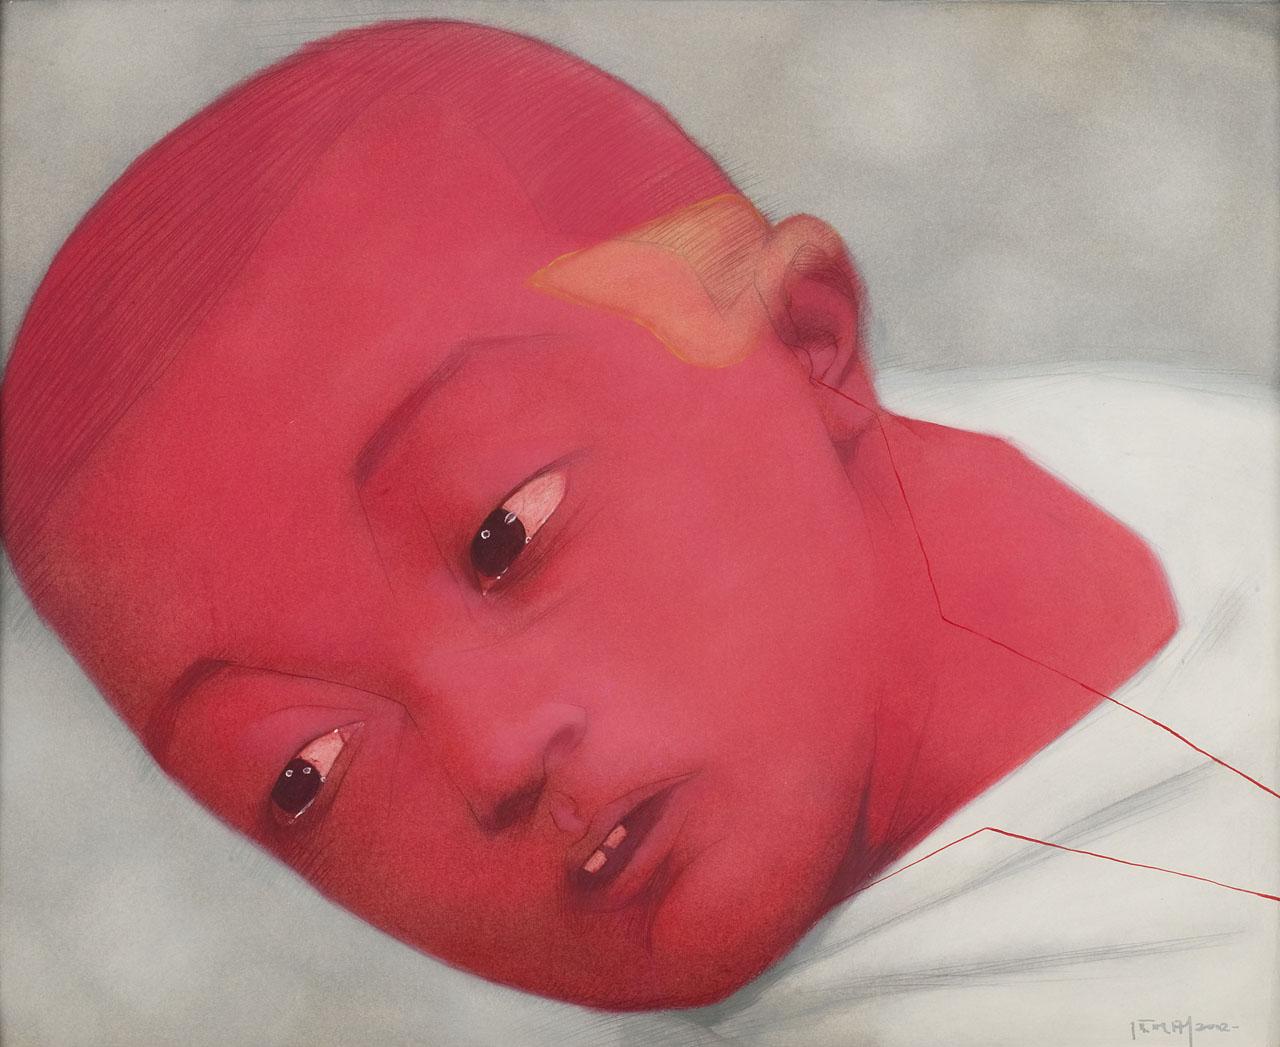 Zhang Xiao gang lkjhgf